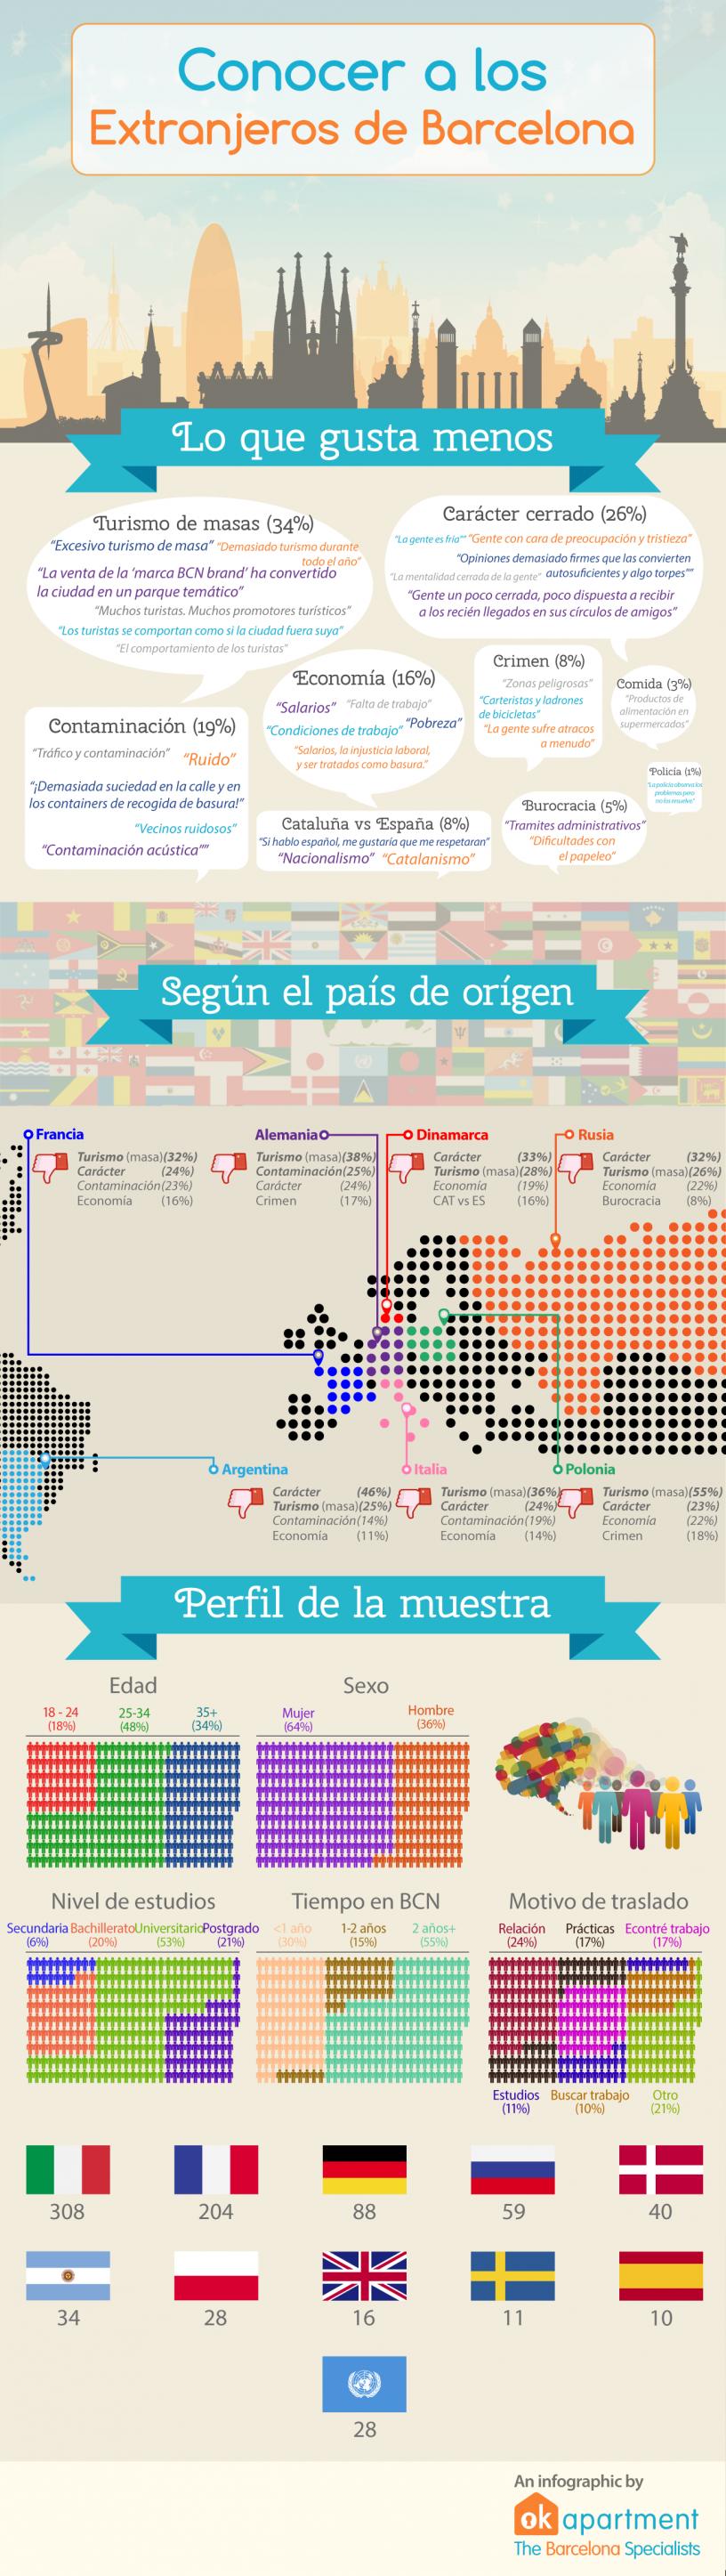 Infografía resumen sobre la opinión de lo peor de Barcelona a los extranjeros que viven en la ciudad